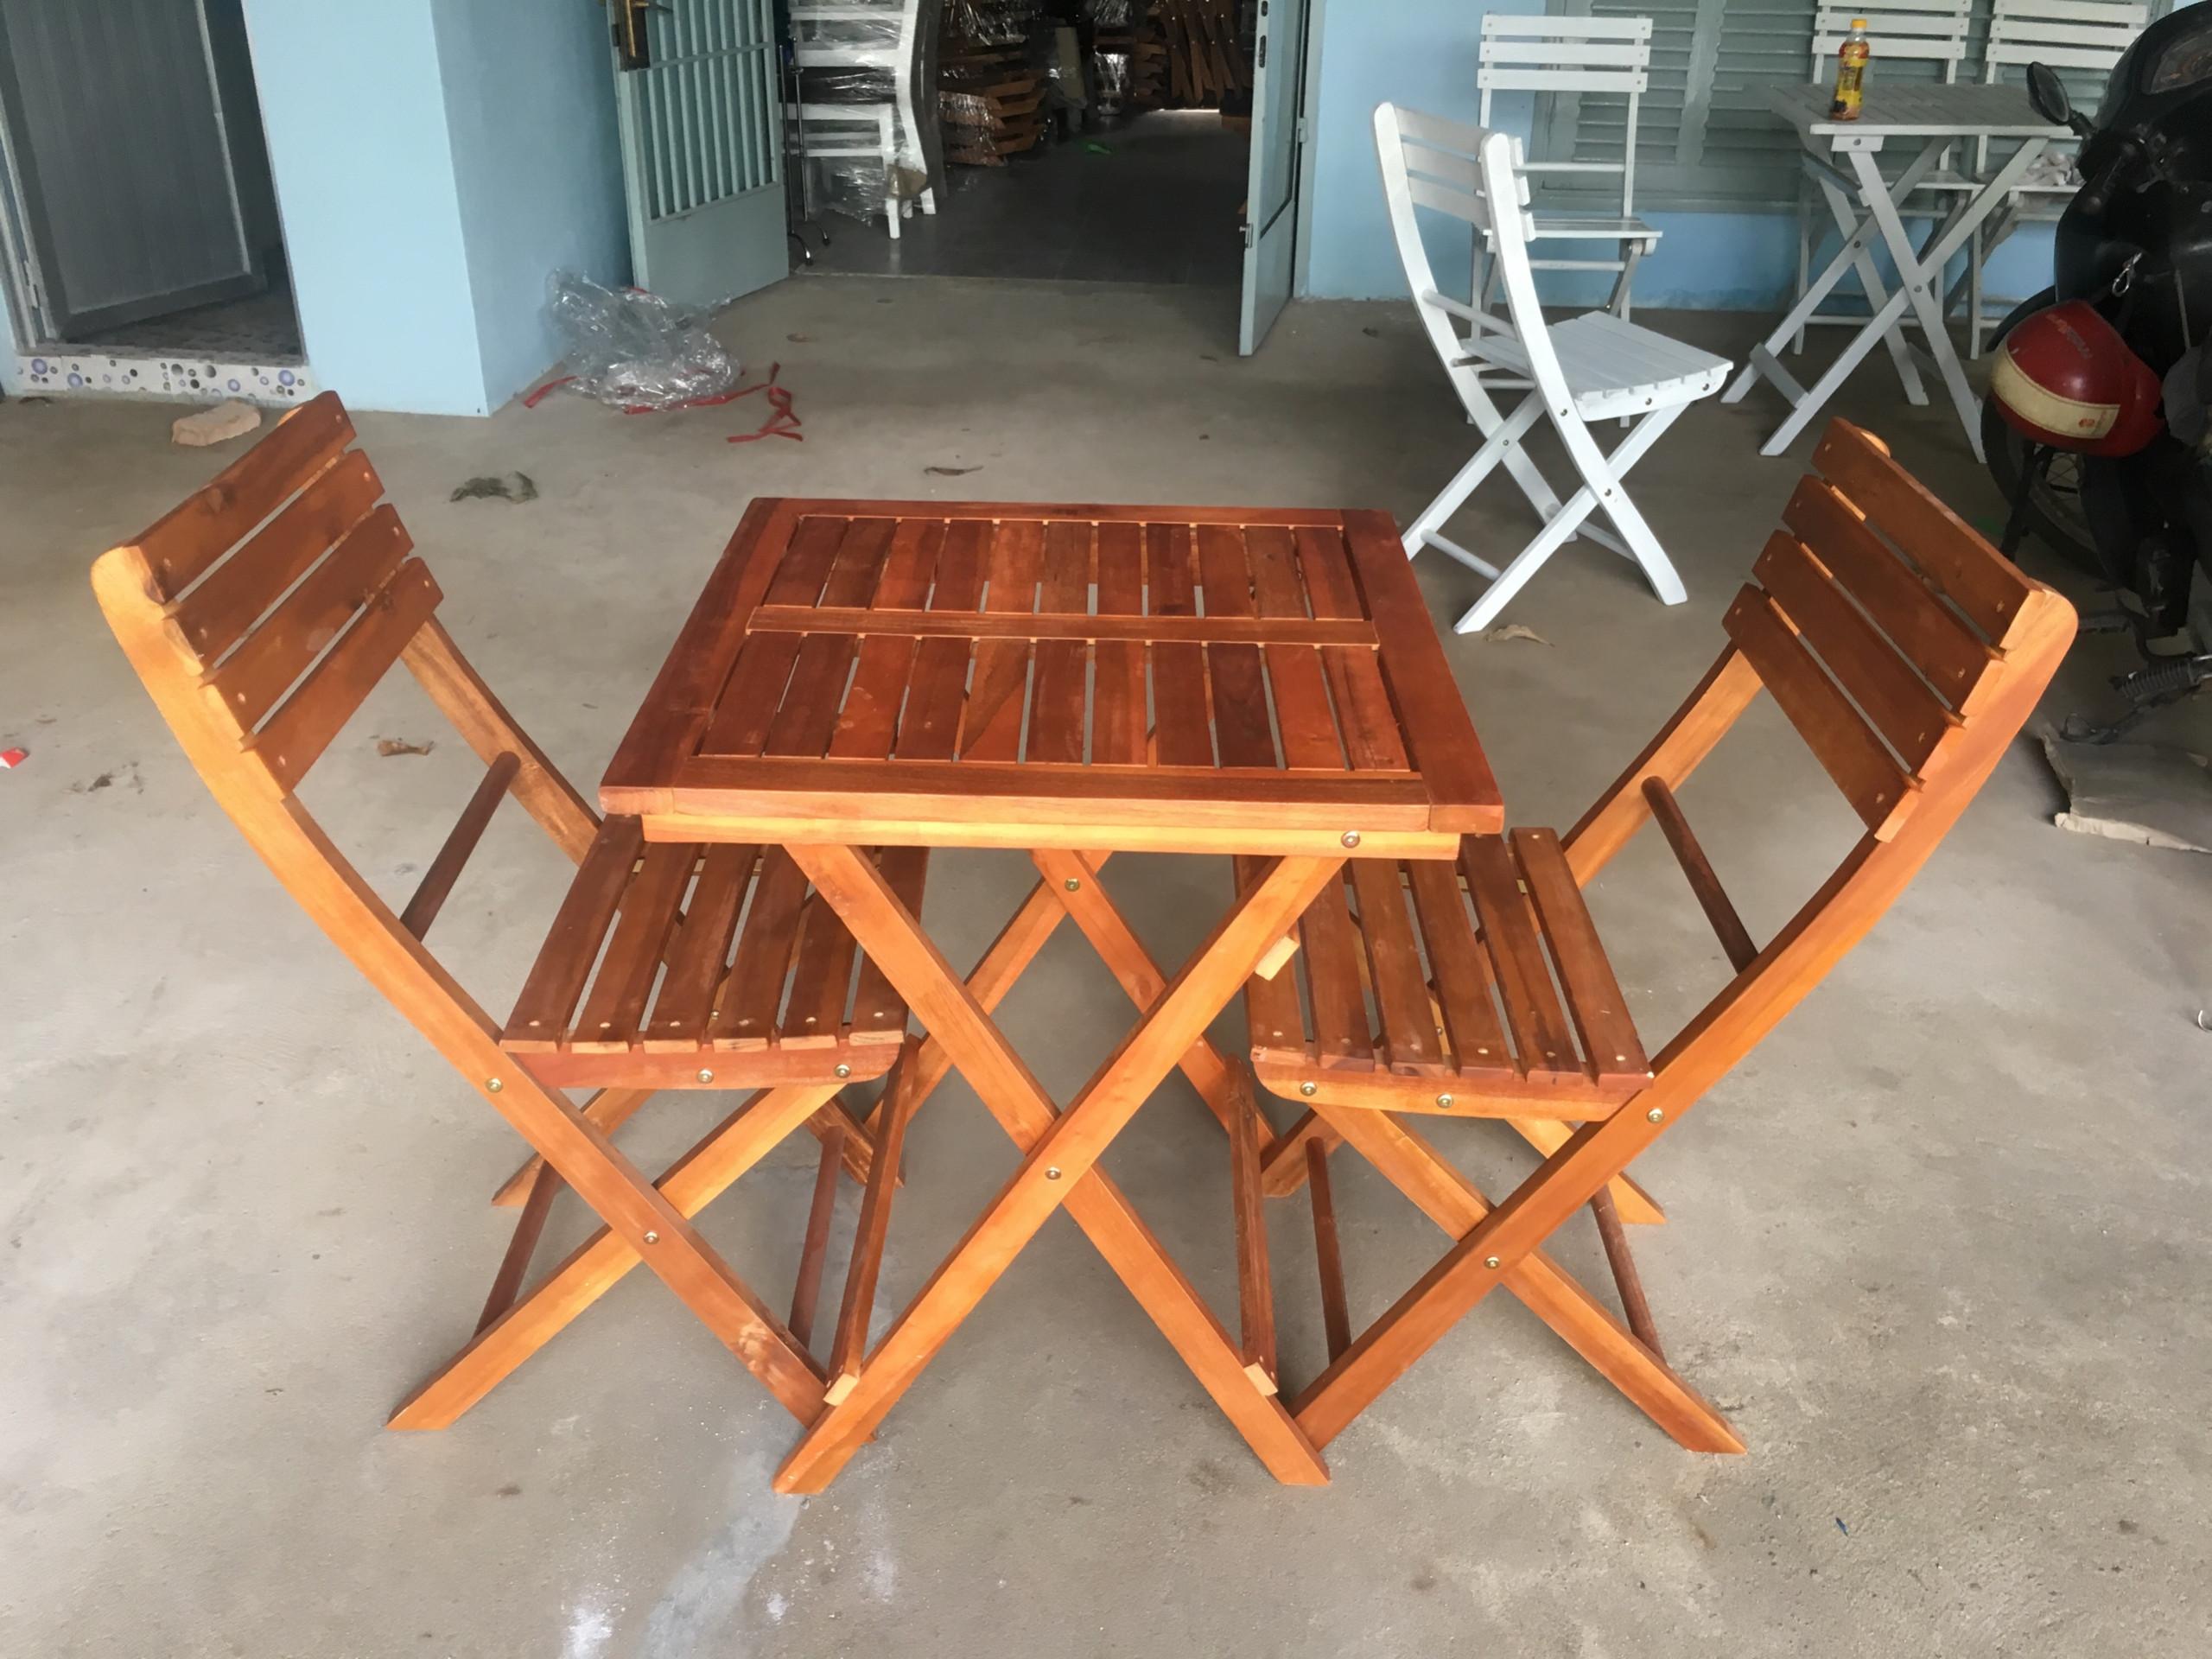 Bàn ghế gỗ xếp vuông 60x60xH73cm - Wooden Folding Table Set HT-005A